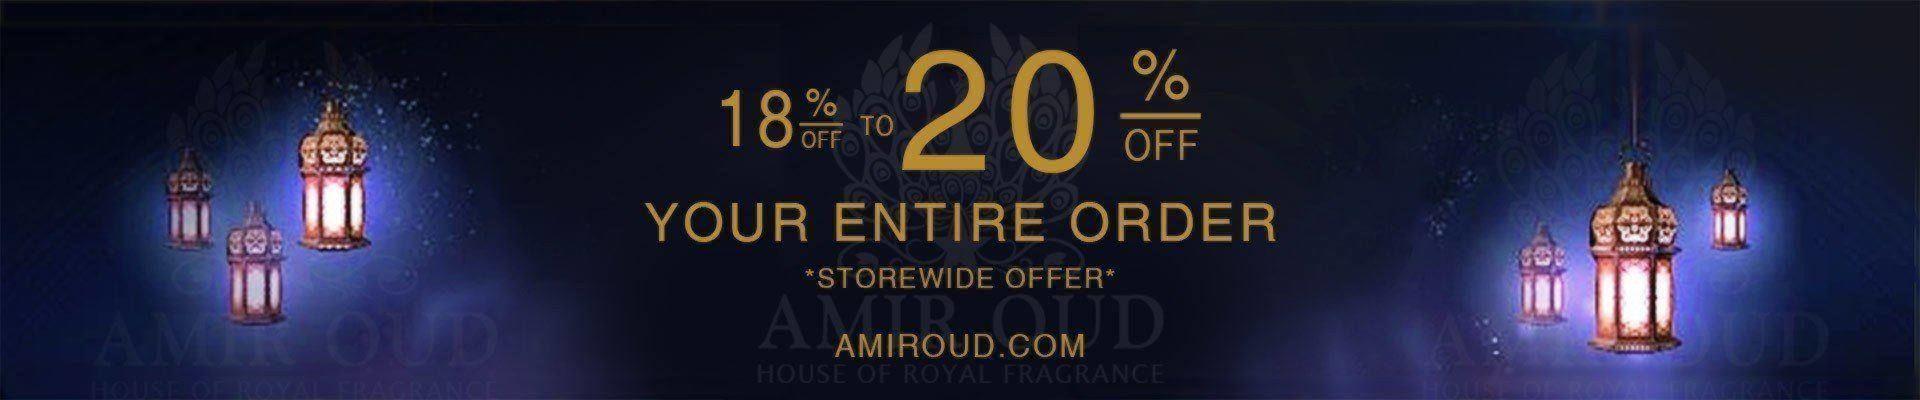 offer 20%